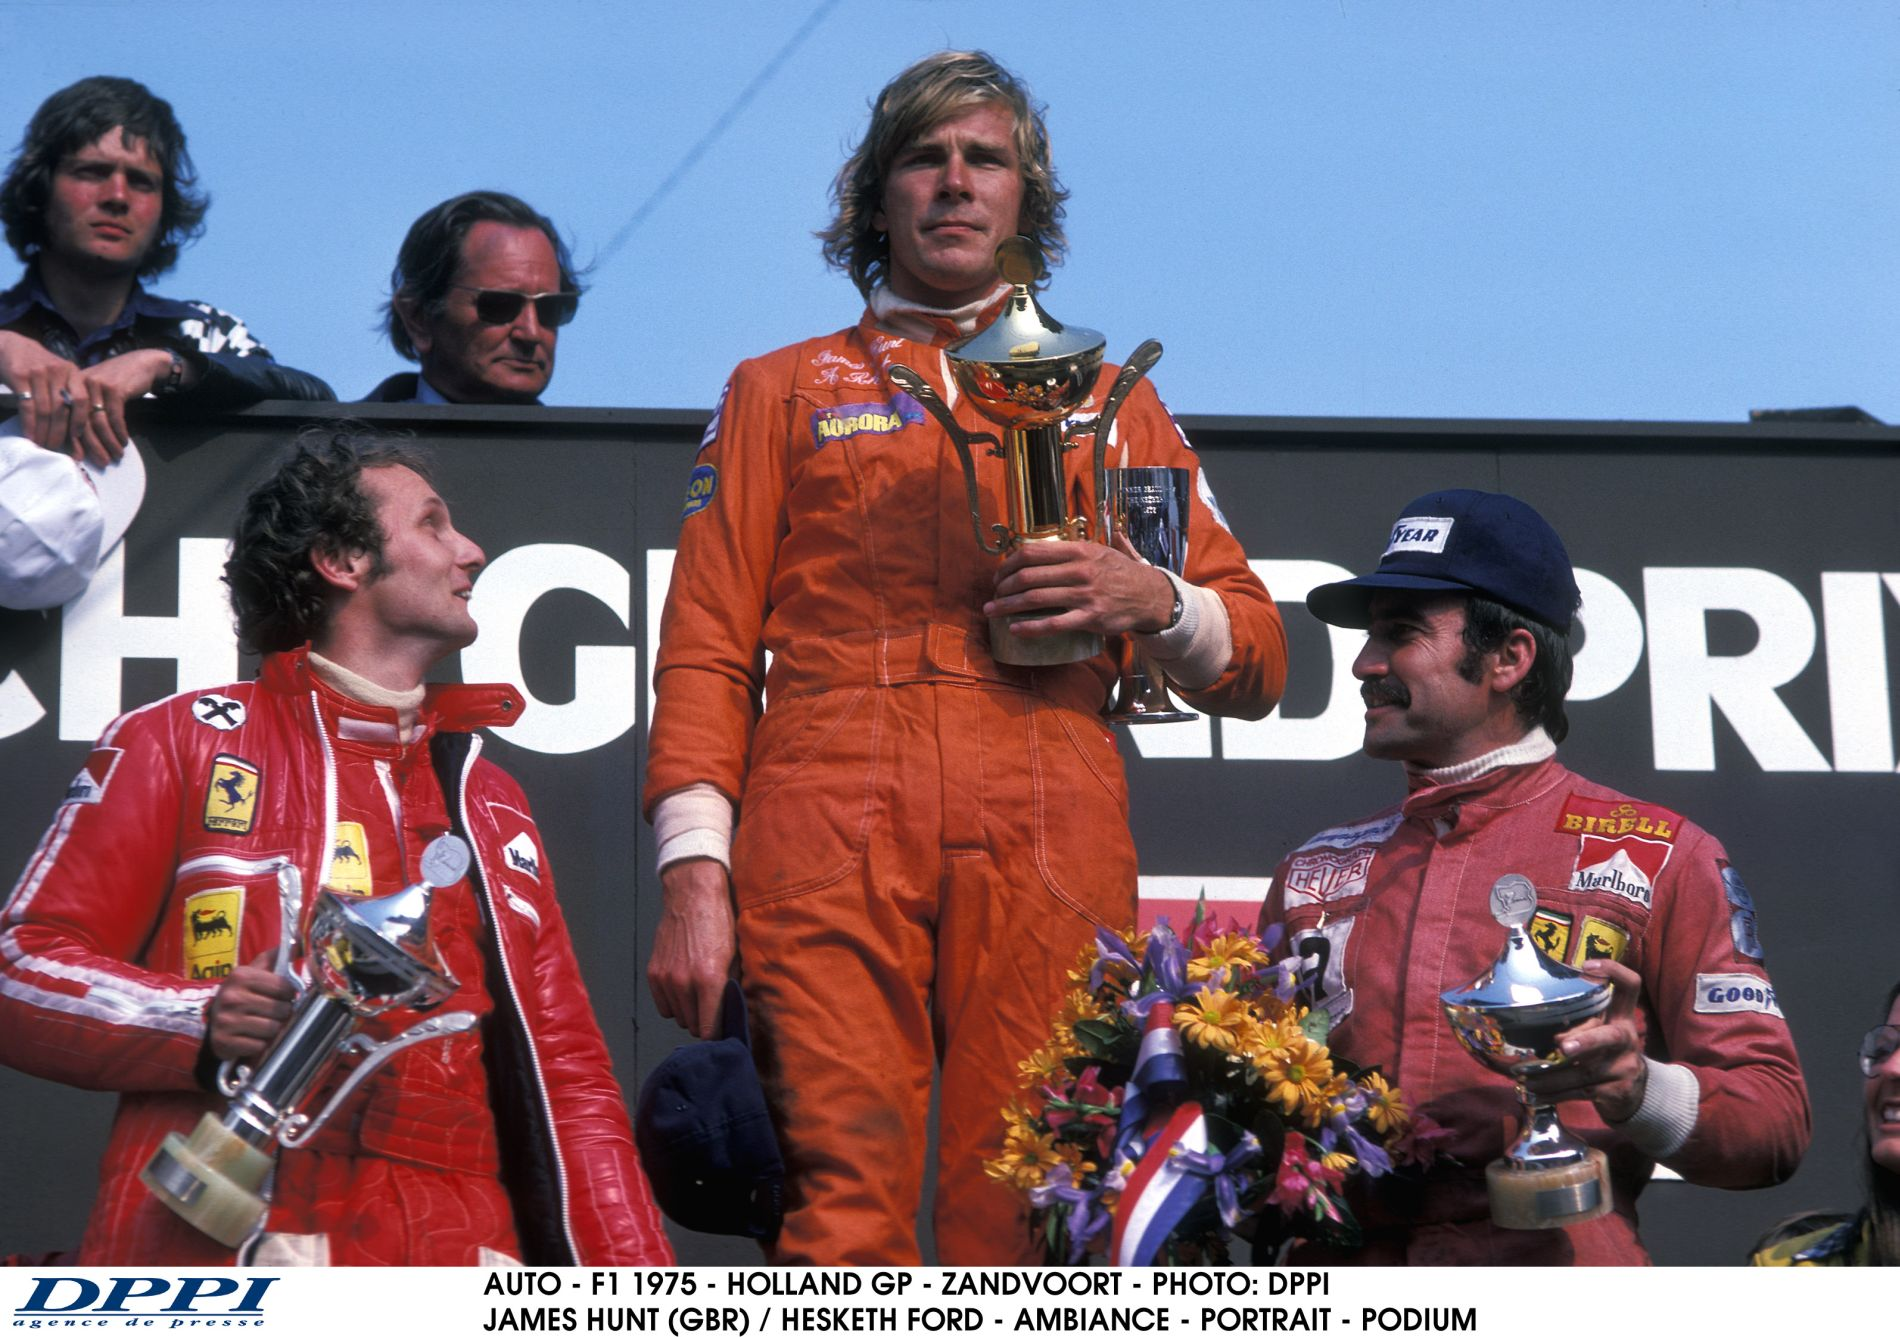 Lauda ingyen autómosásra cserélte a csúnya serlegeit, melyek végül az eBayen kötöttek ki